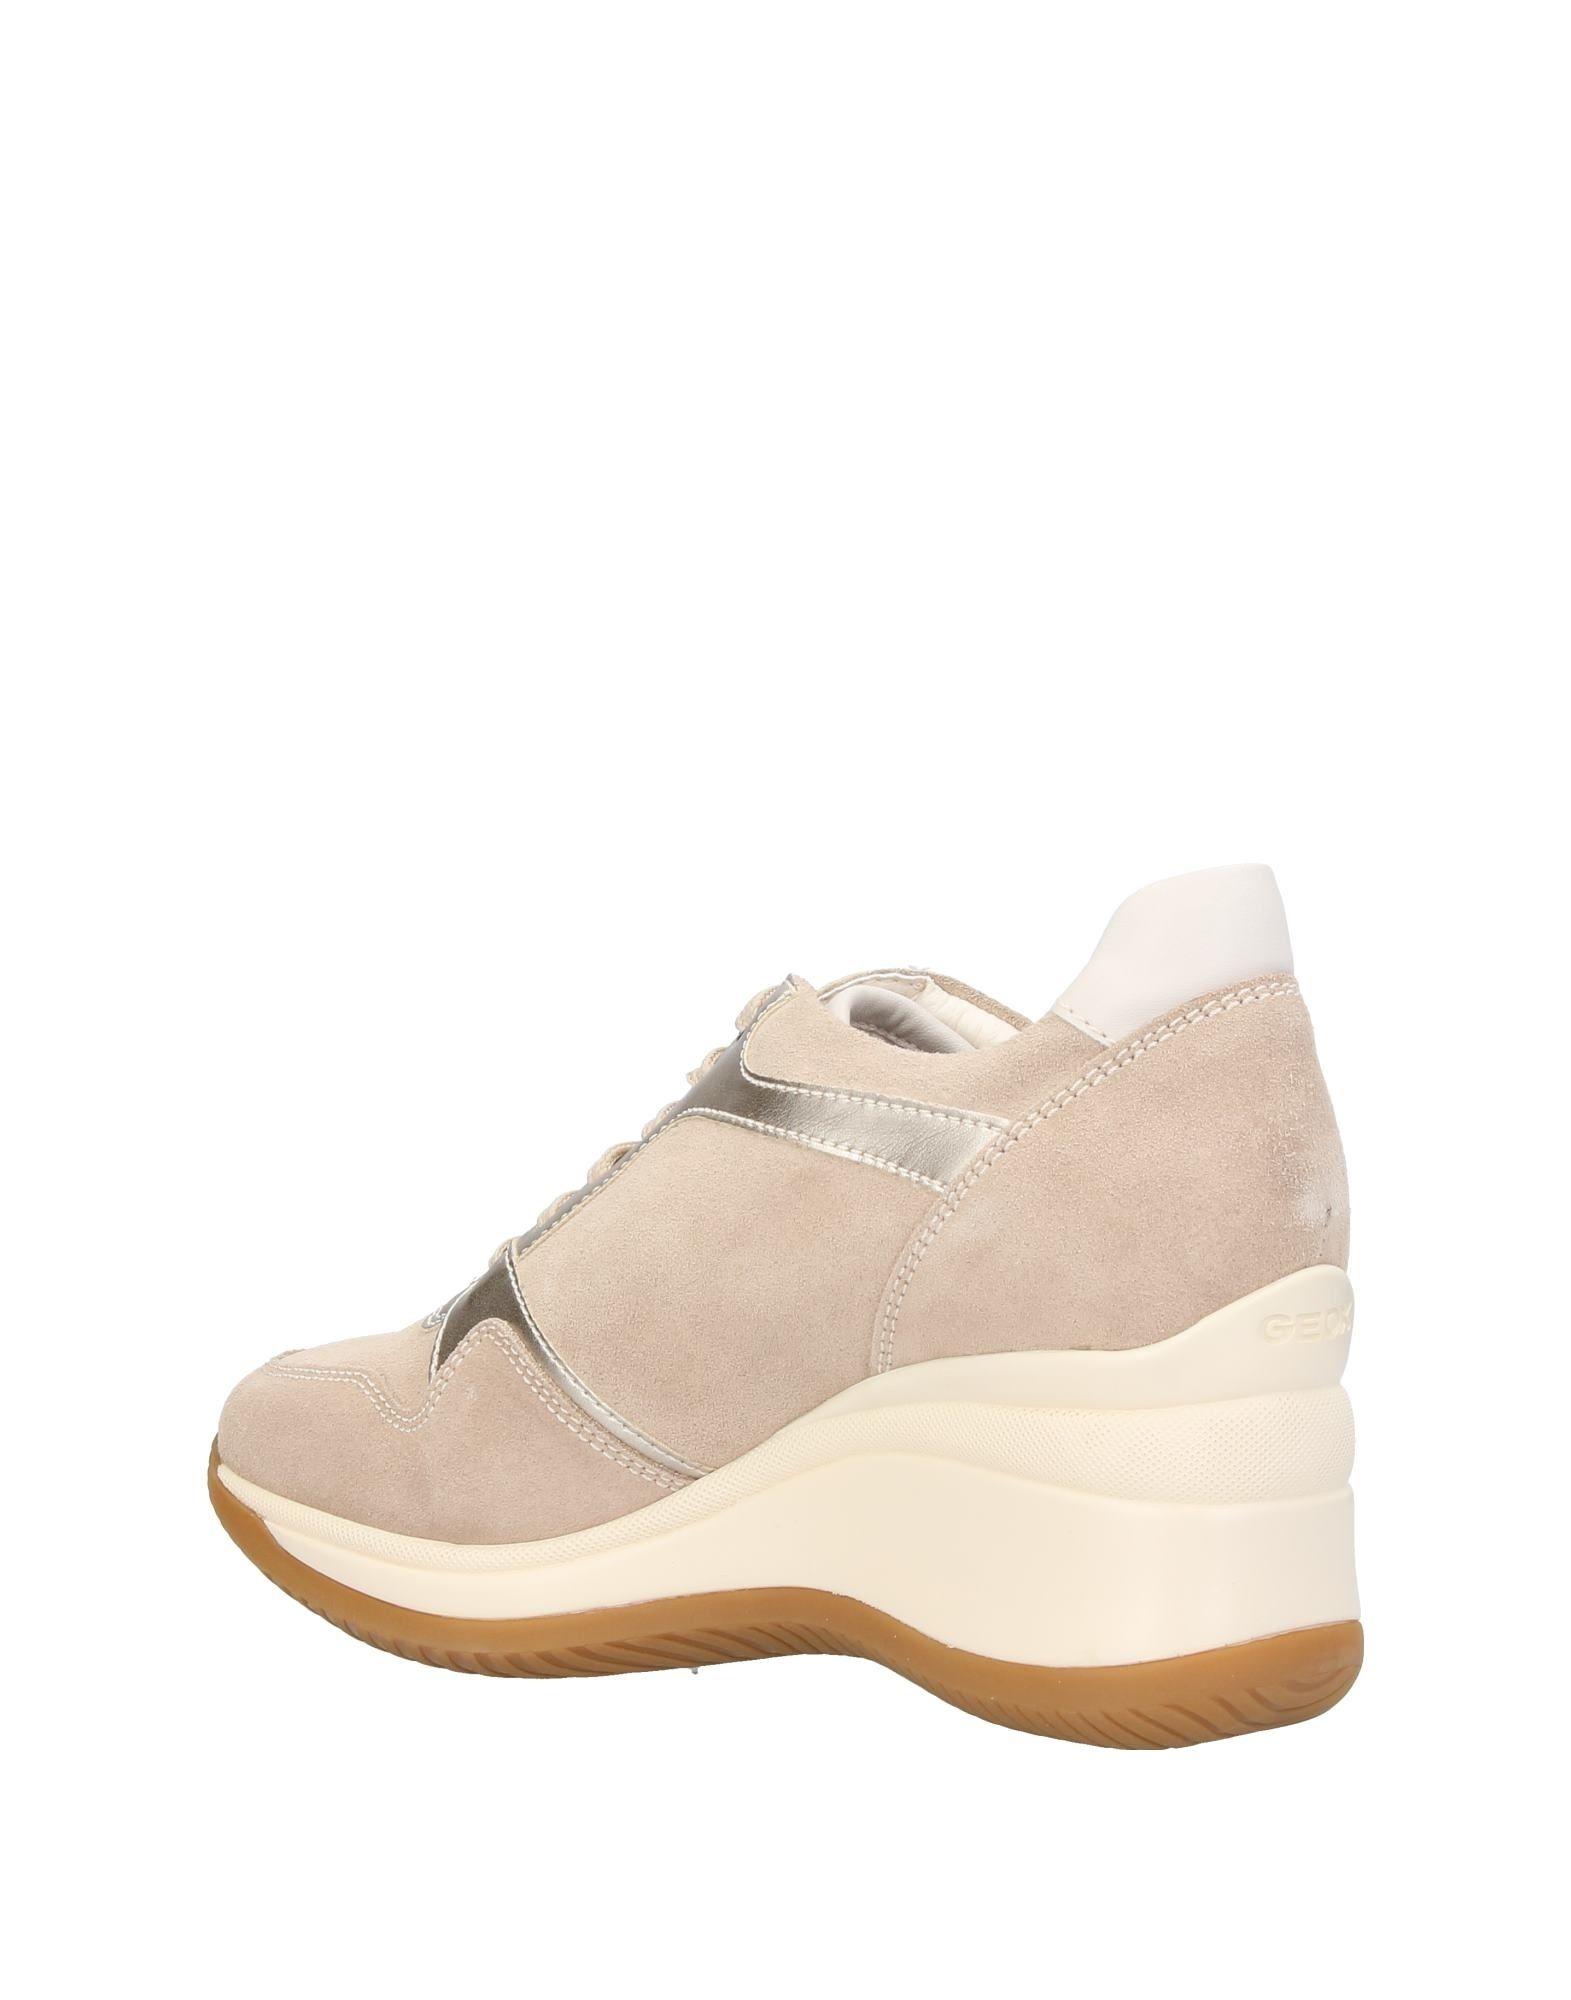 Geox  Sneakers Damen  11414257FH  Geox f51a64